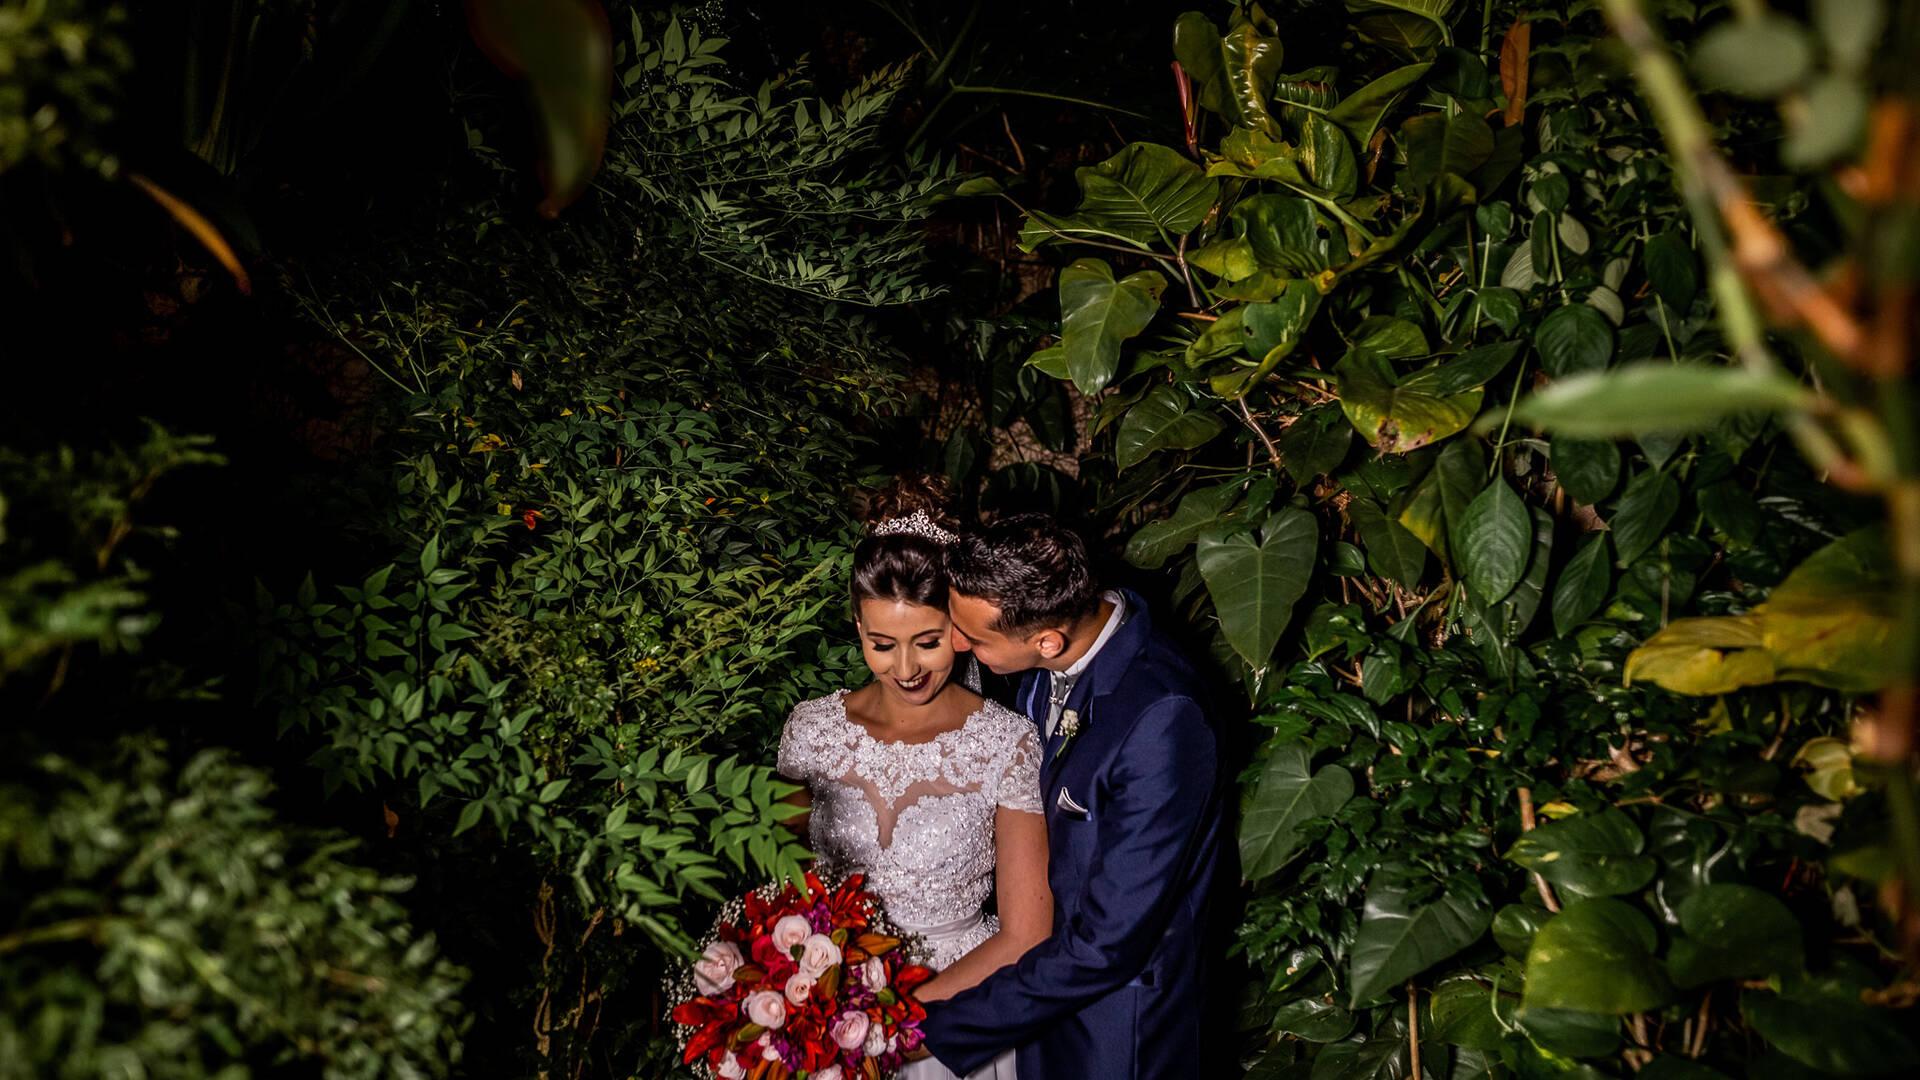 Casamento - Torrinha SP de Priscila e Maycon